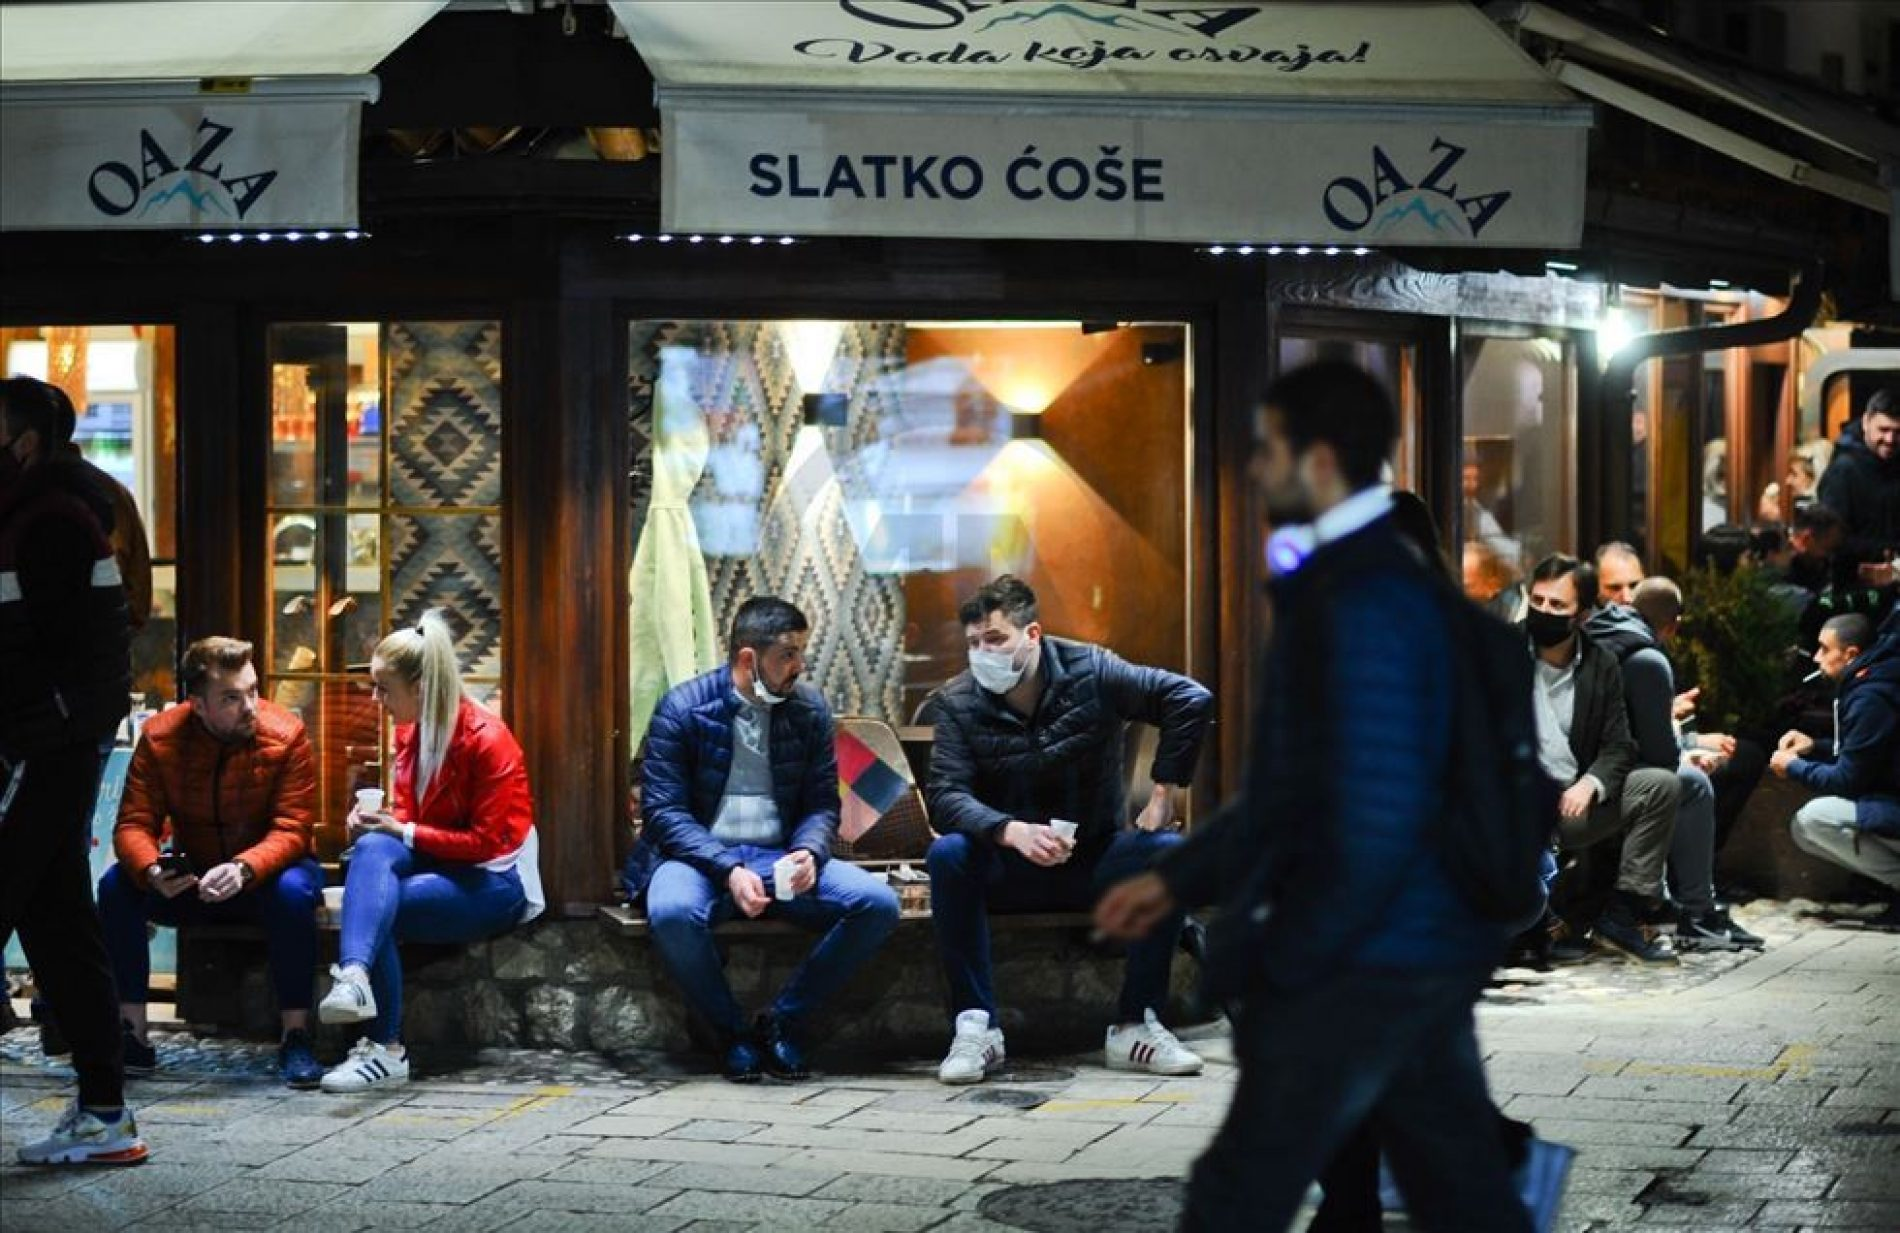 Otvoreni ugostiteljski objekti u Sarajevu: Građani glavnog grada u baštama kafića